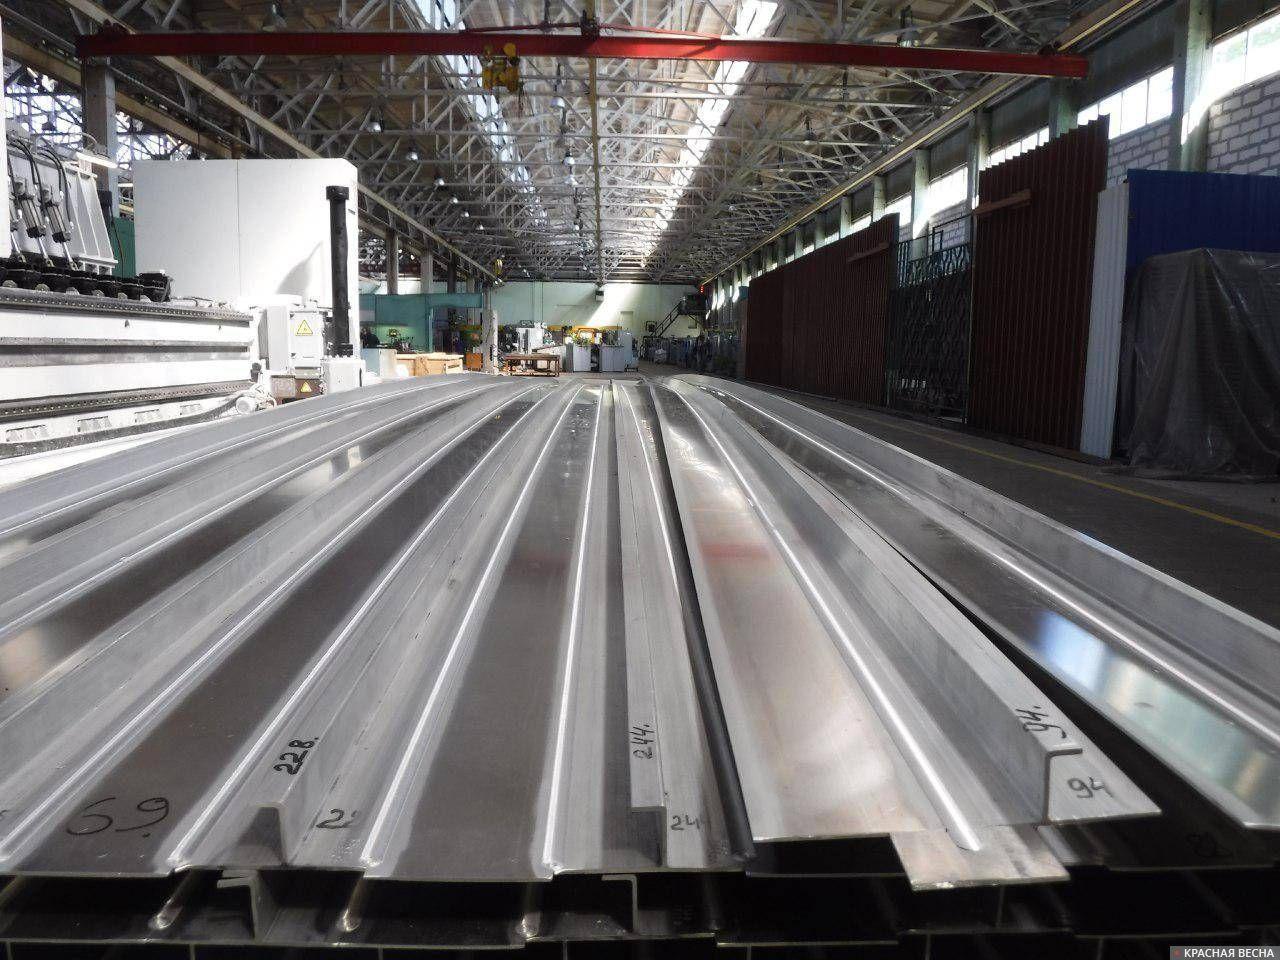 Панели из алюминиево-магниевого сплава, изготавливаемые ЦНИИ КМ «Прометей» для строительства судна. 30.05.2019